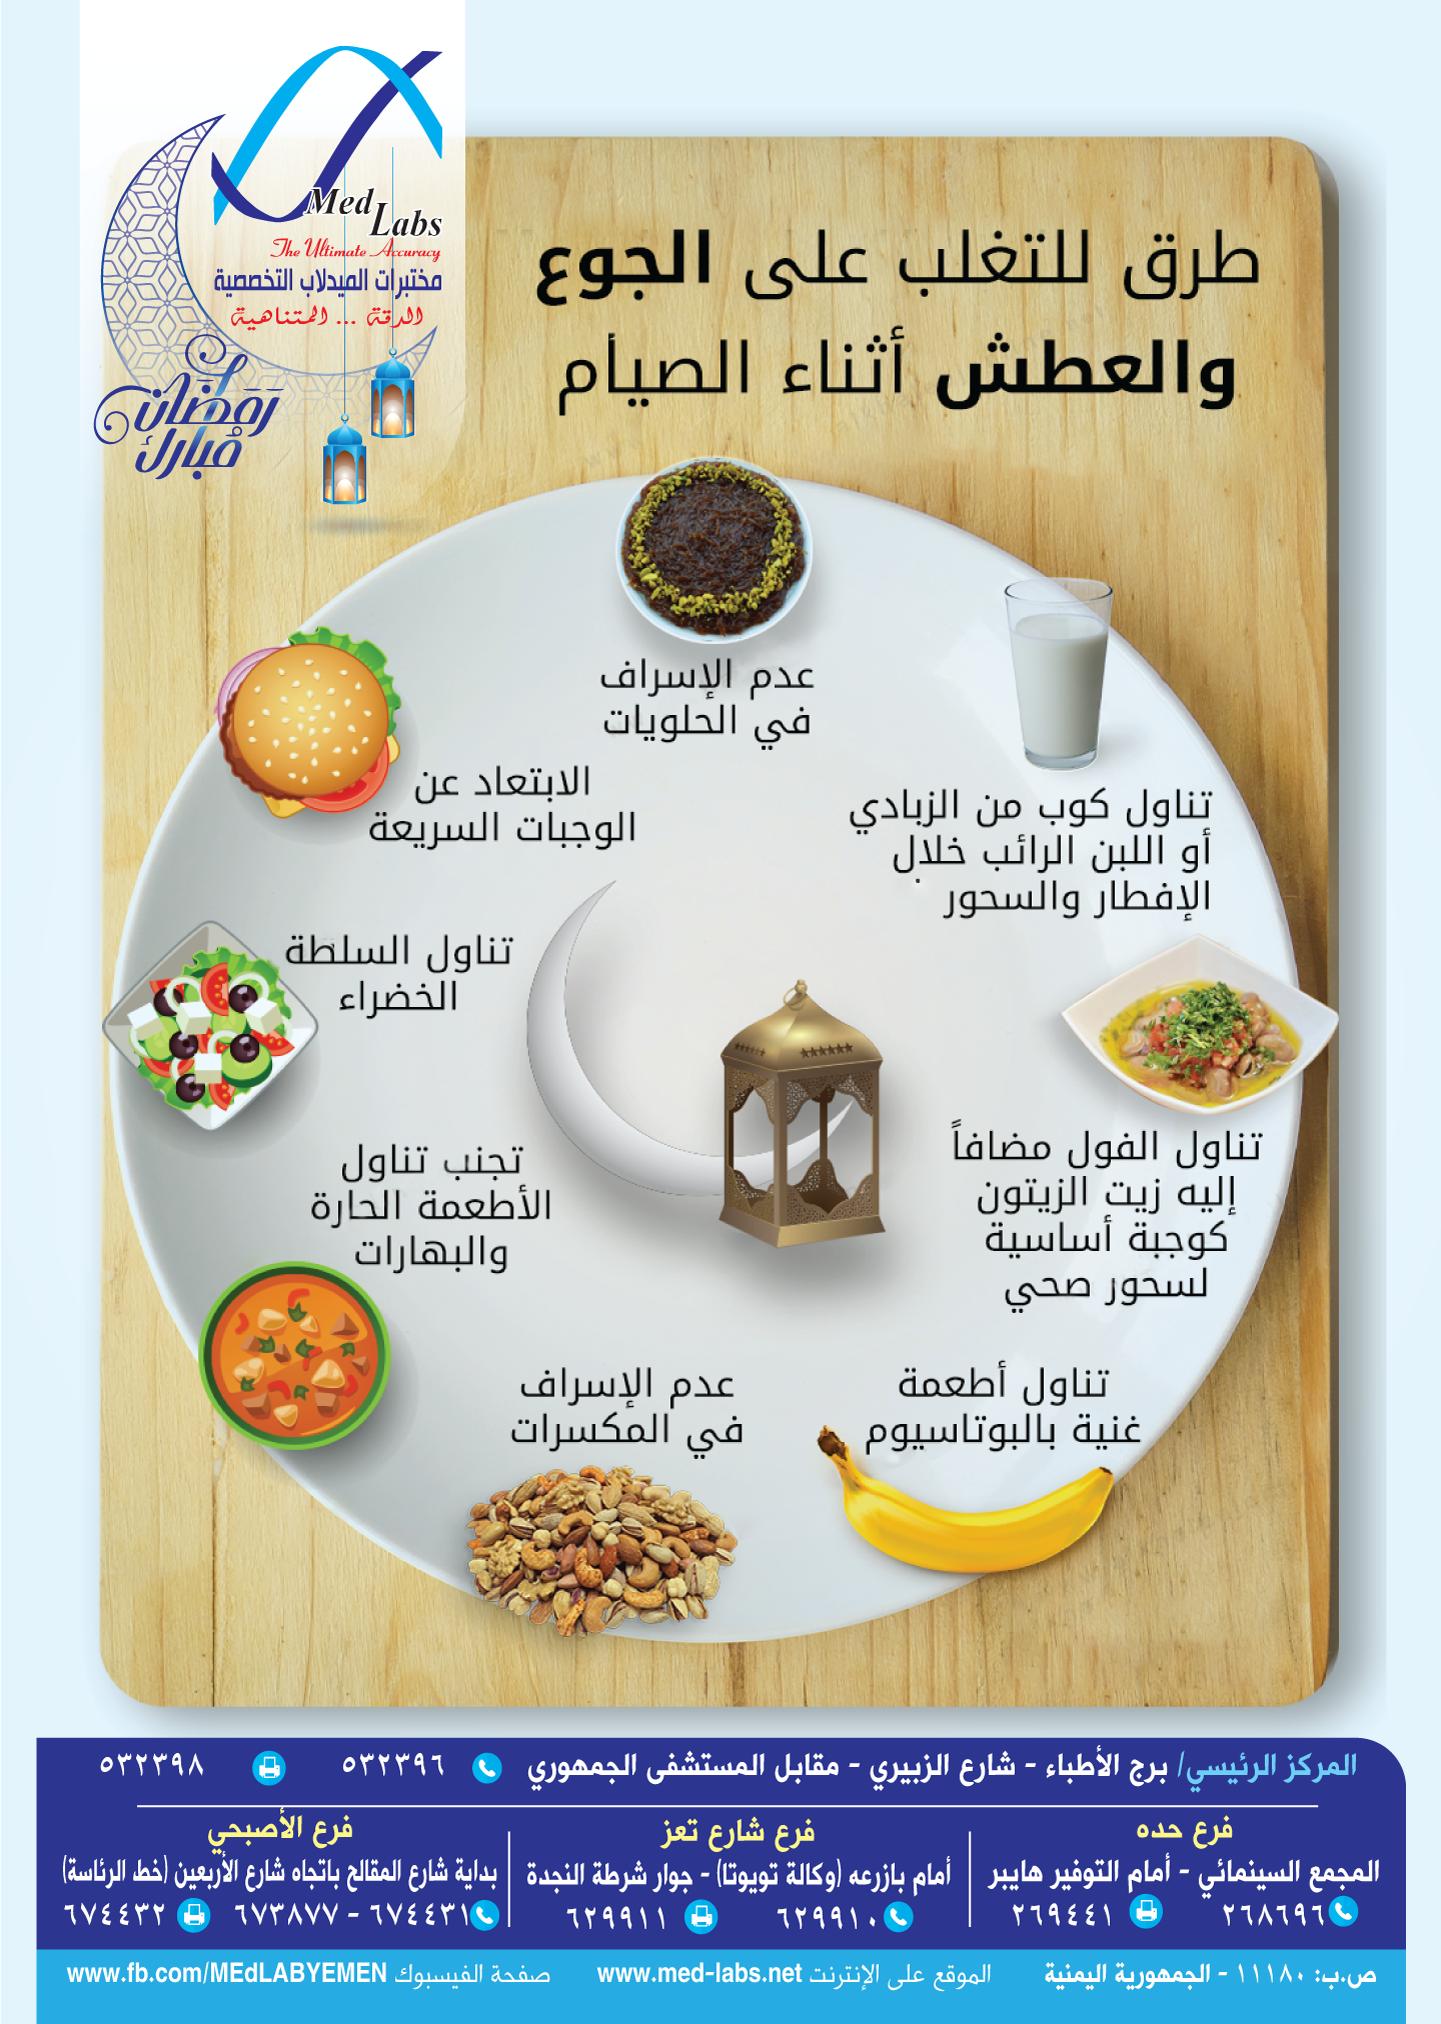 تغلب على الجوع والعطش أثناء #الصيام